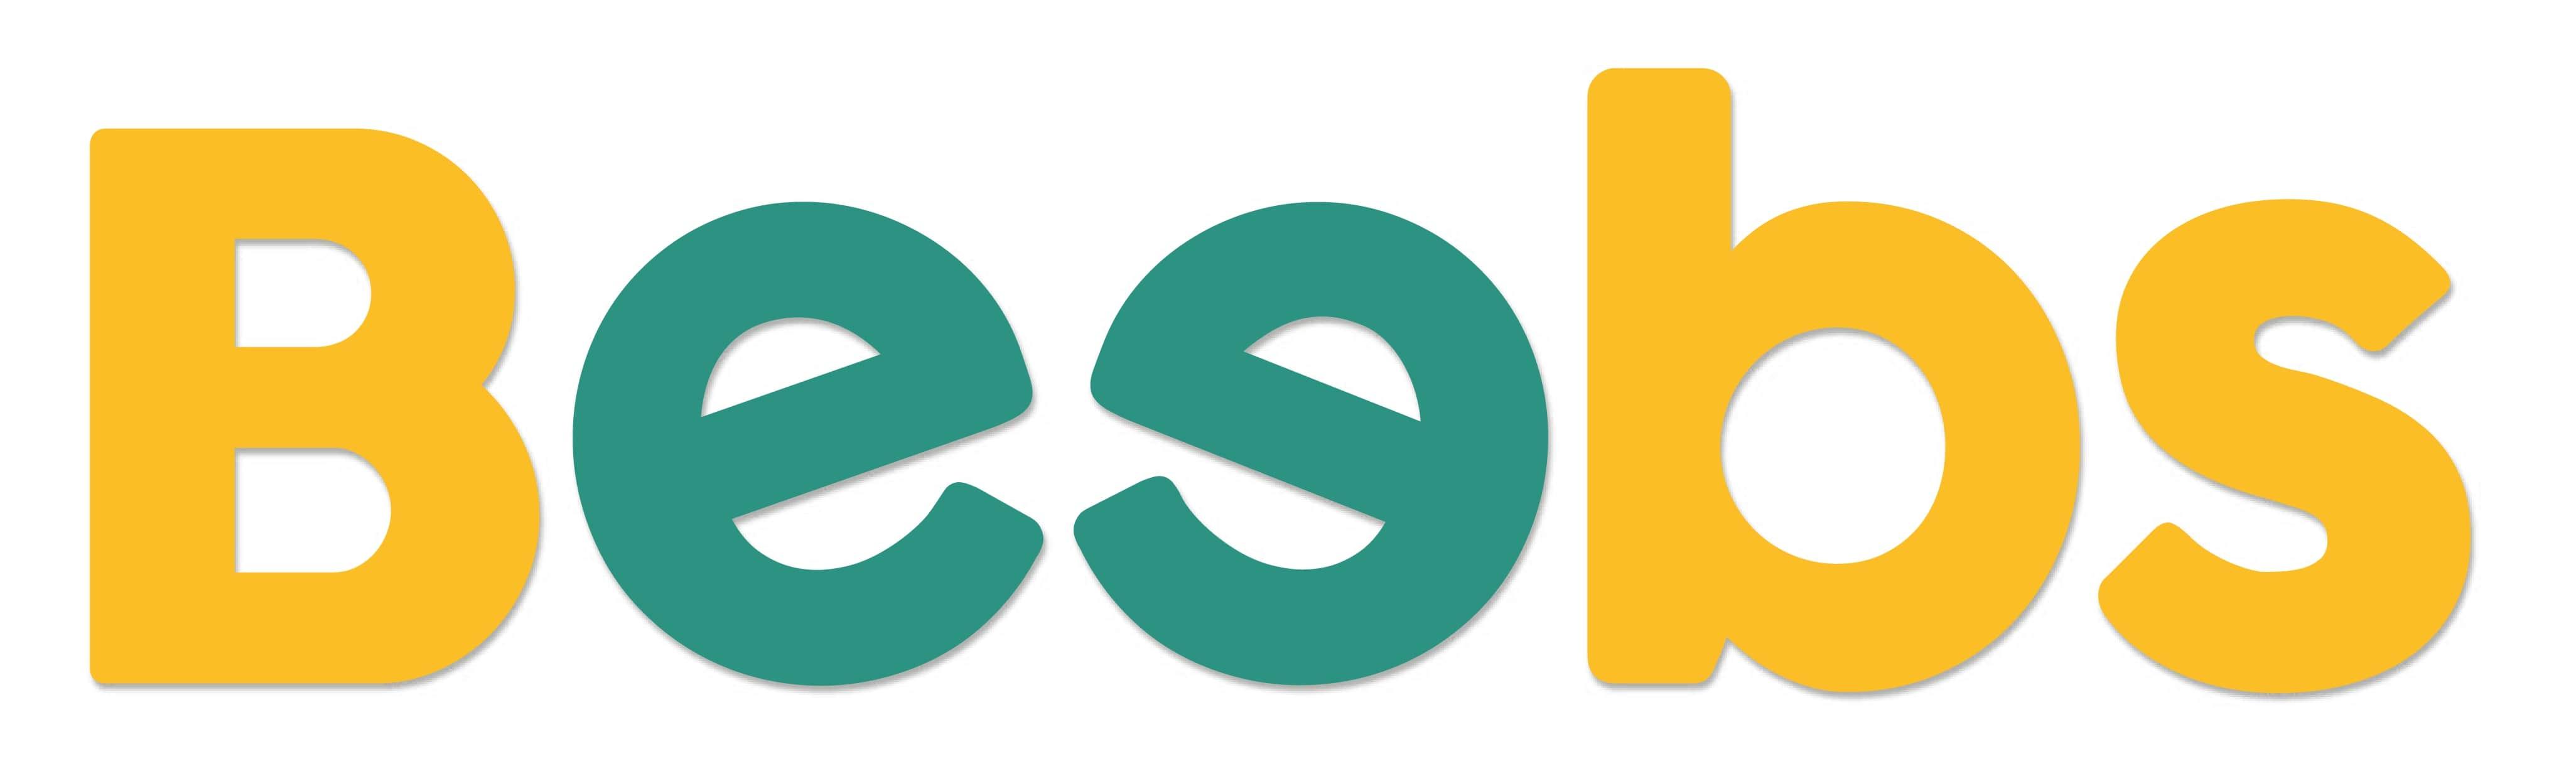 Logo de la marque Beebs